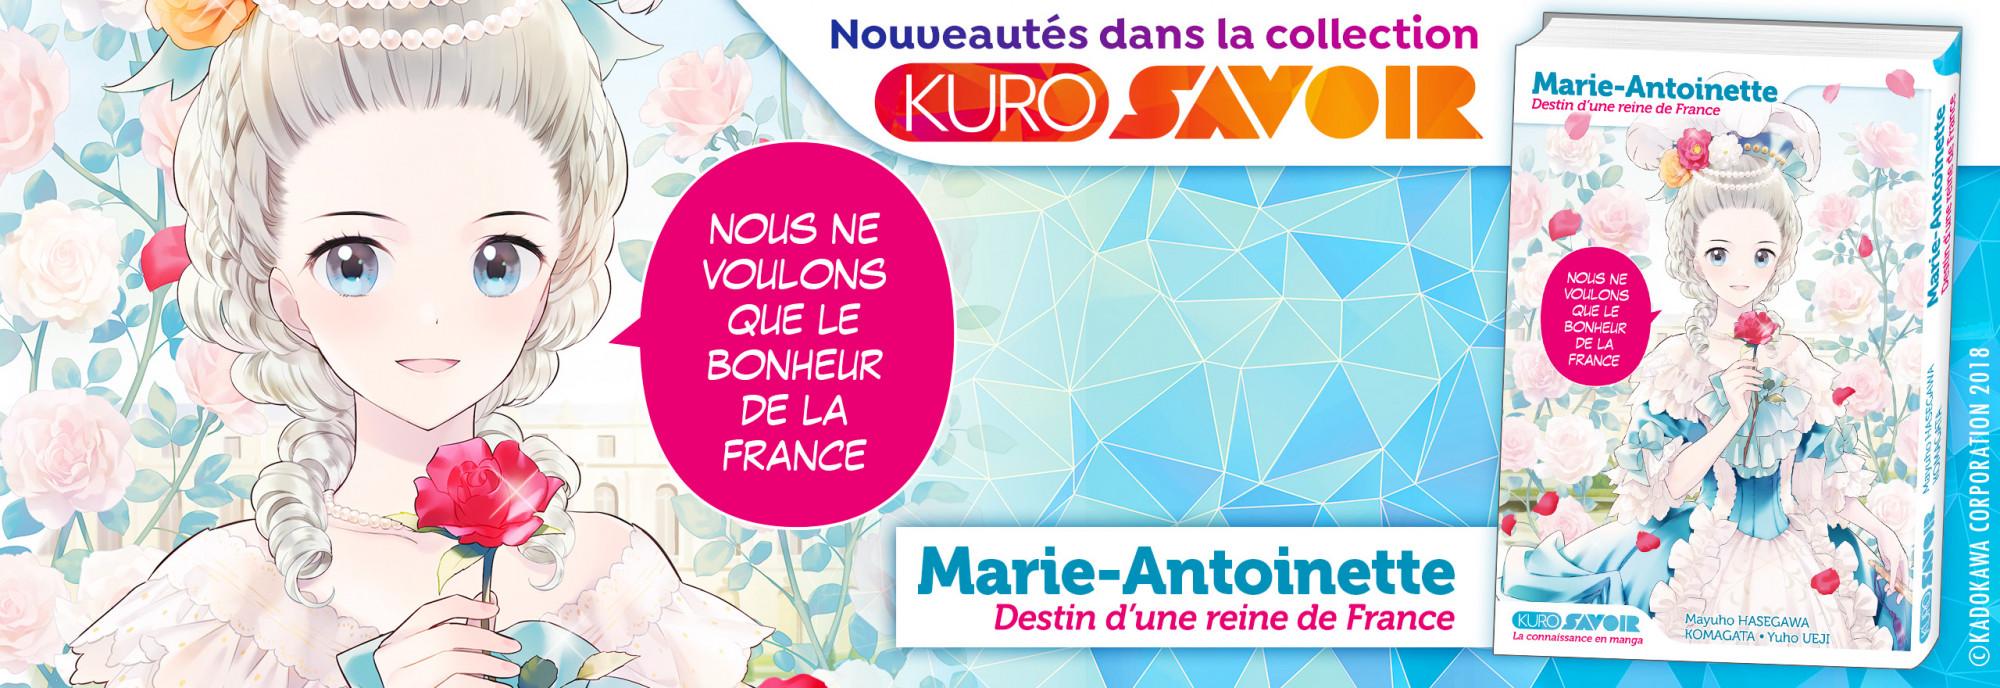 7702_1_Kurosavoir-Reines--Visuel-Lisez-N0-Desktop-1280x440-2x-Marie.jpg